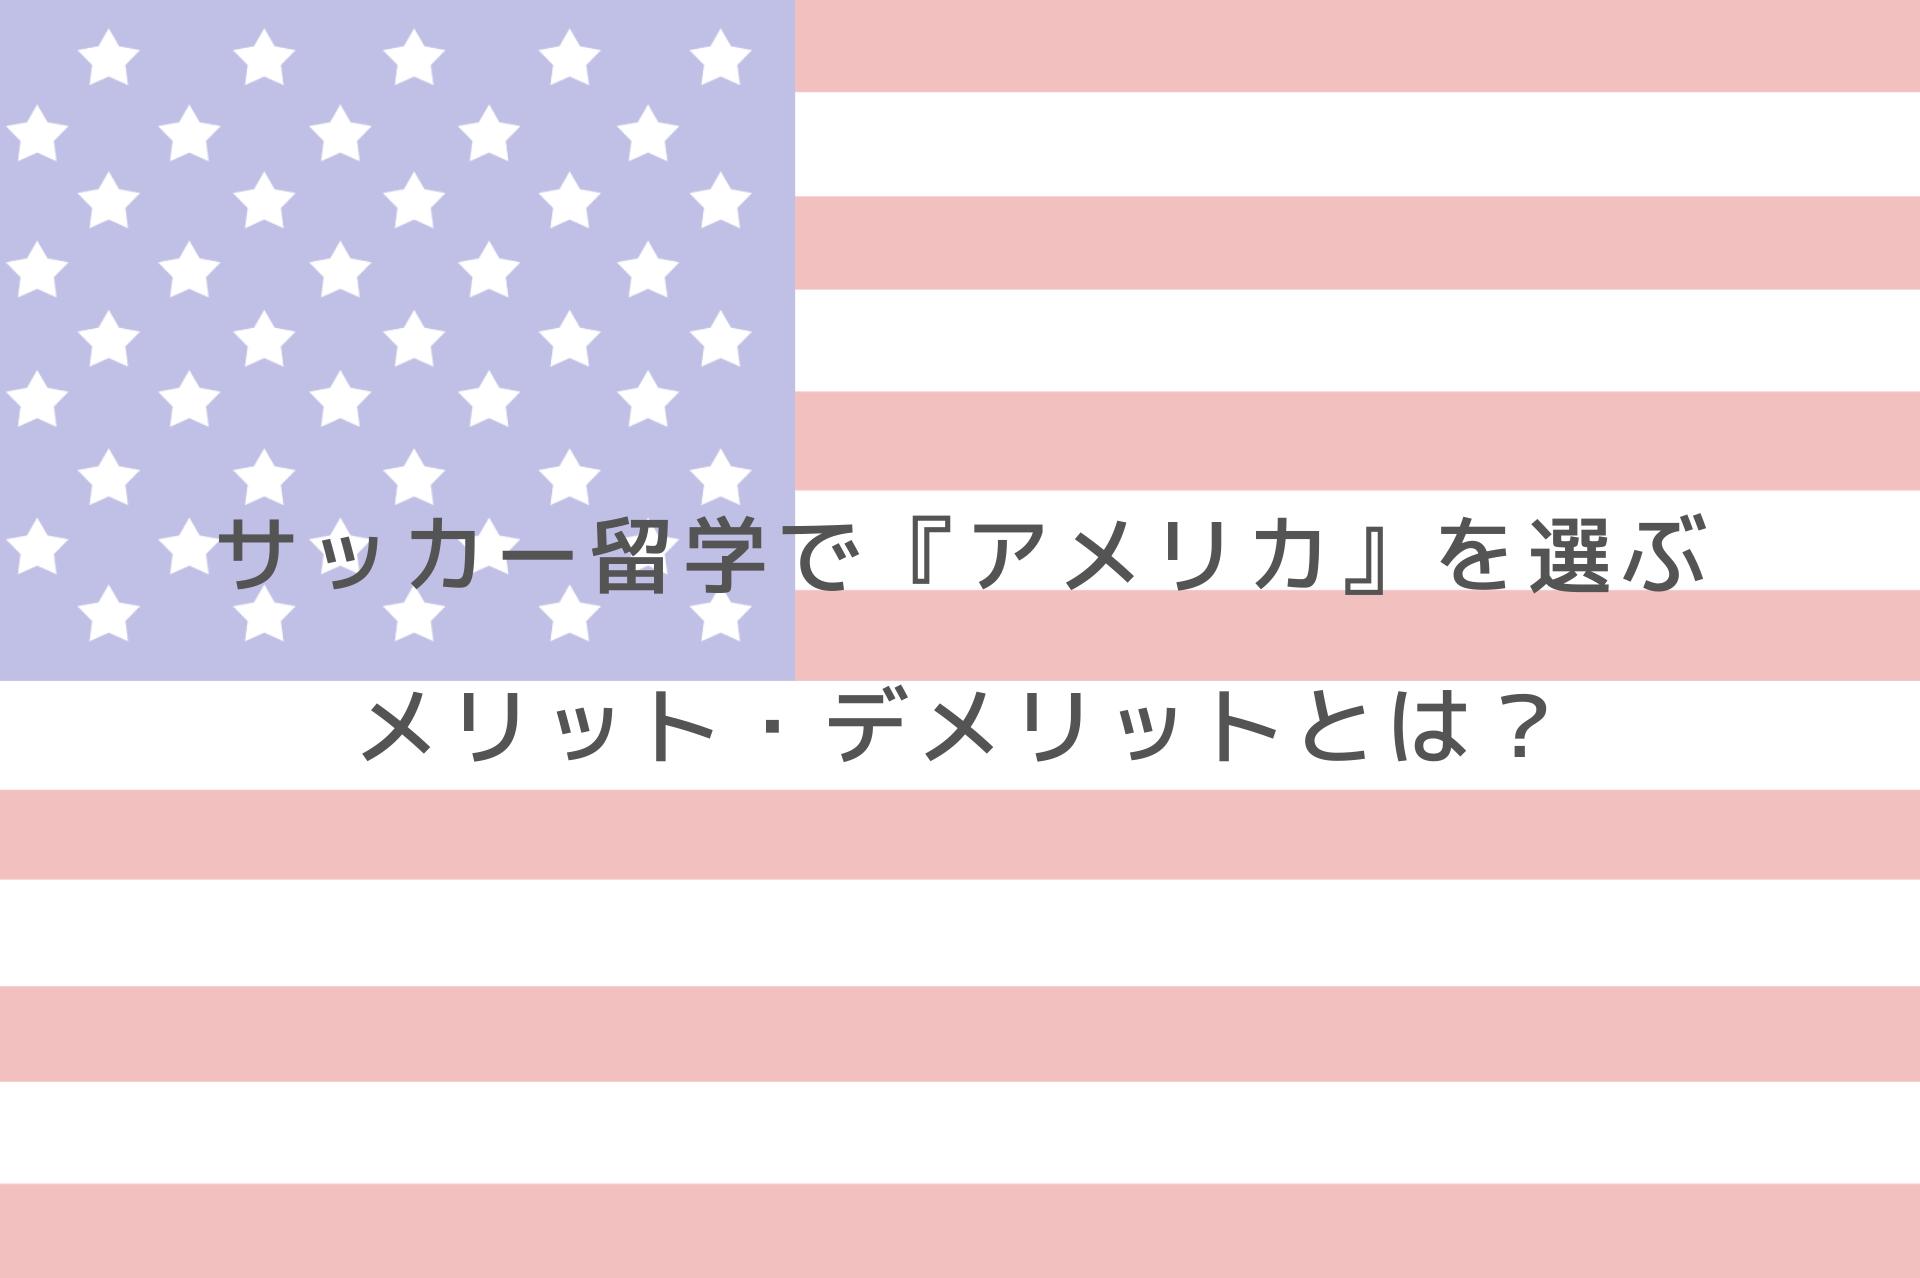 サッカー留学で『アメリカ』を選ぶメリット・デメリットとは?